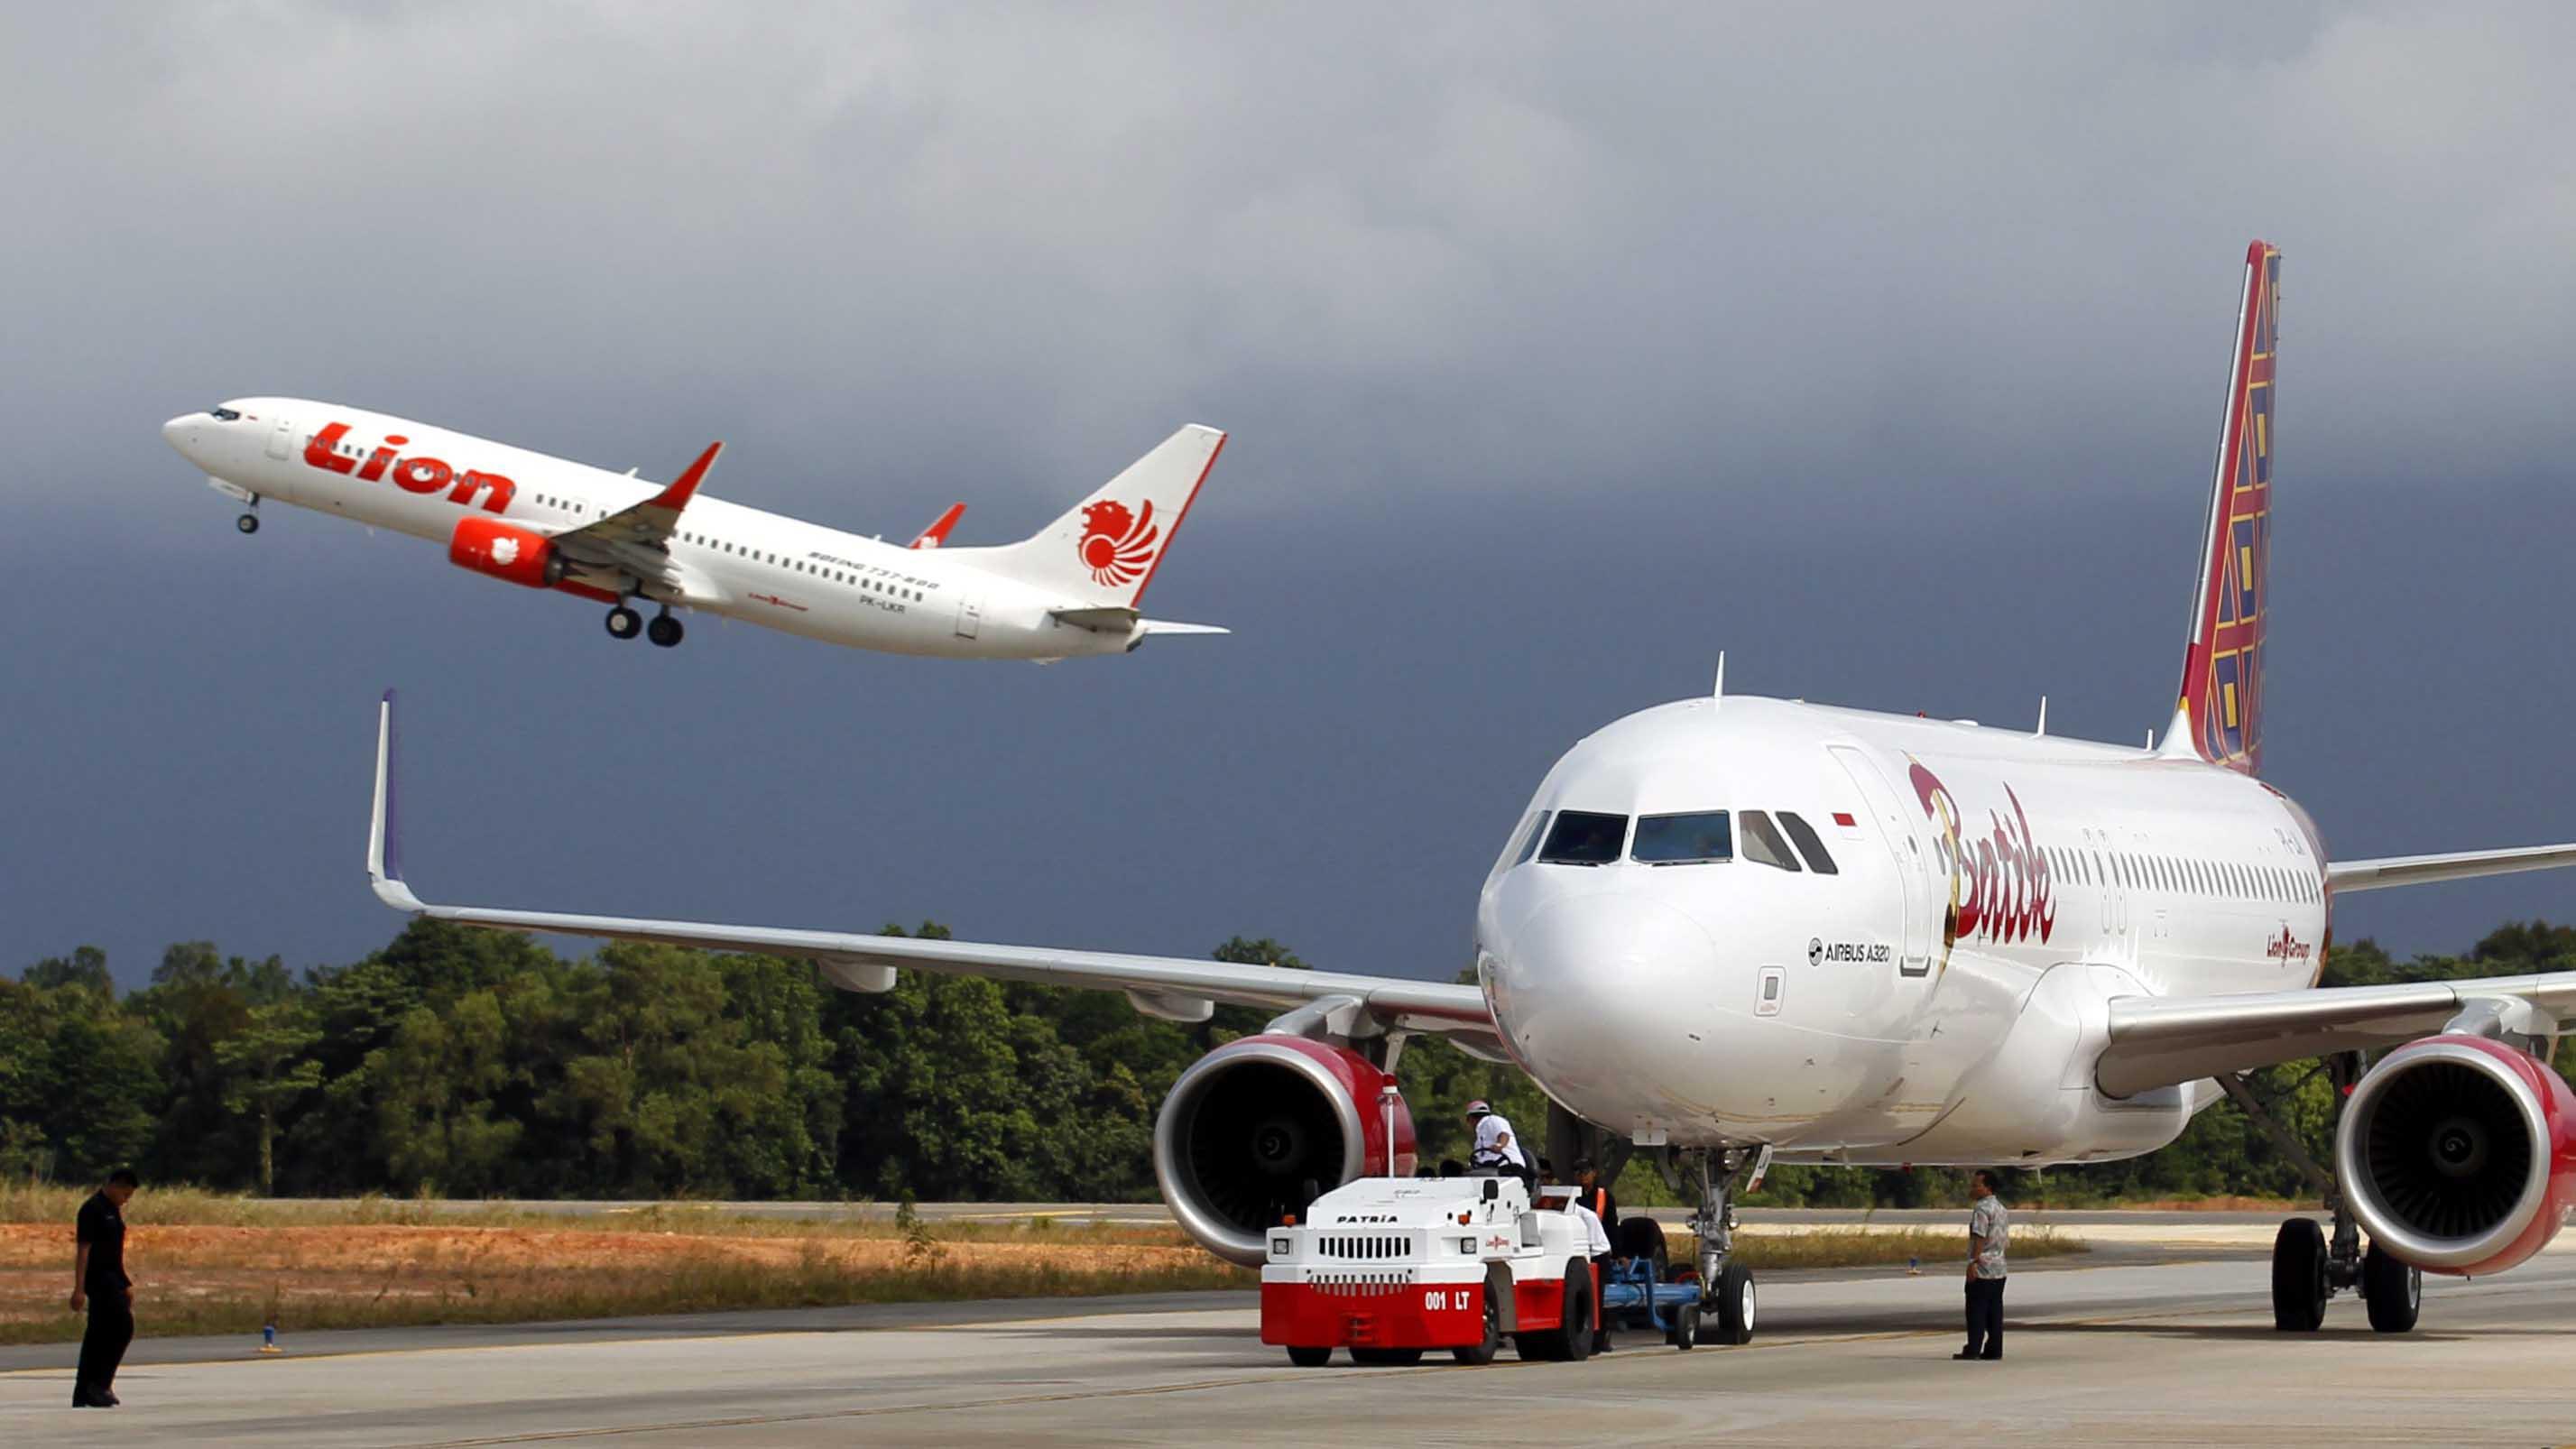 La compañía aérea puntualizó que los técnicos esperan esclarecer lo sucedido con la unidad una vez encuentren lacaja negra